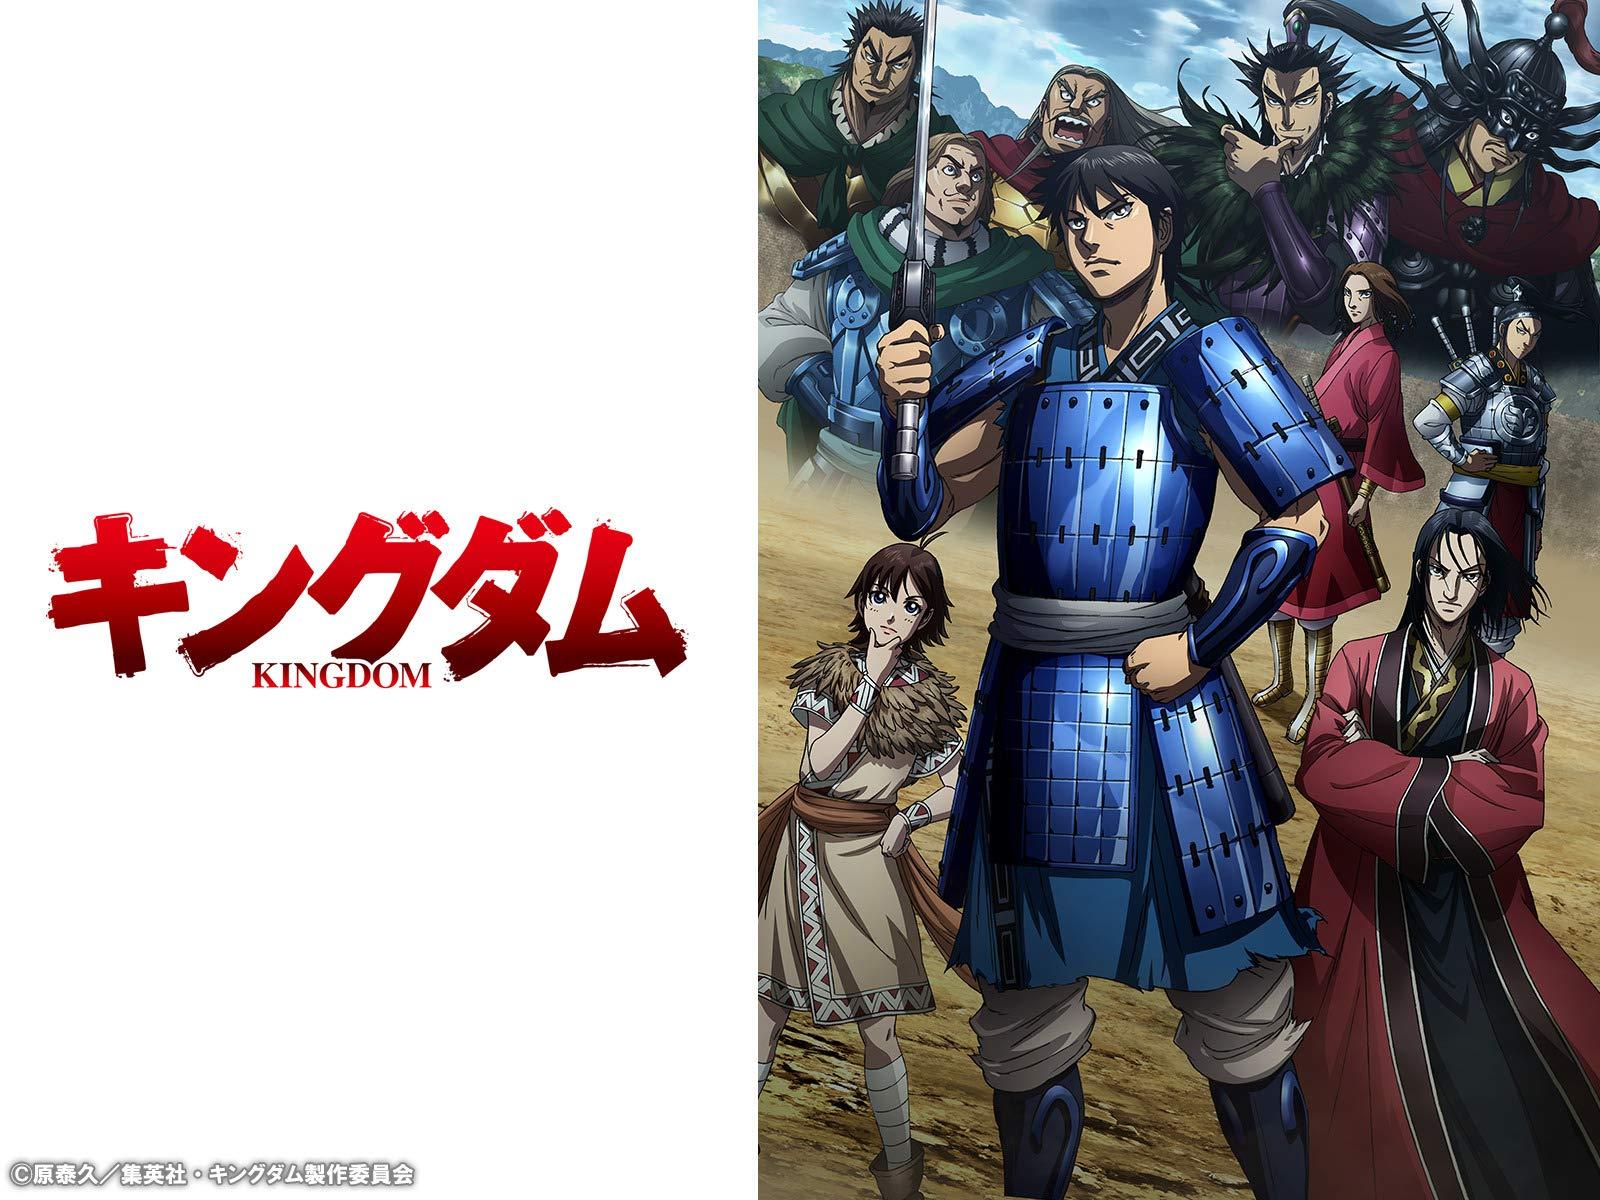 3 キングダム アニメ シーズン